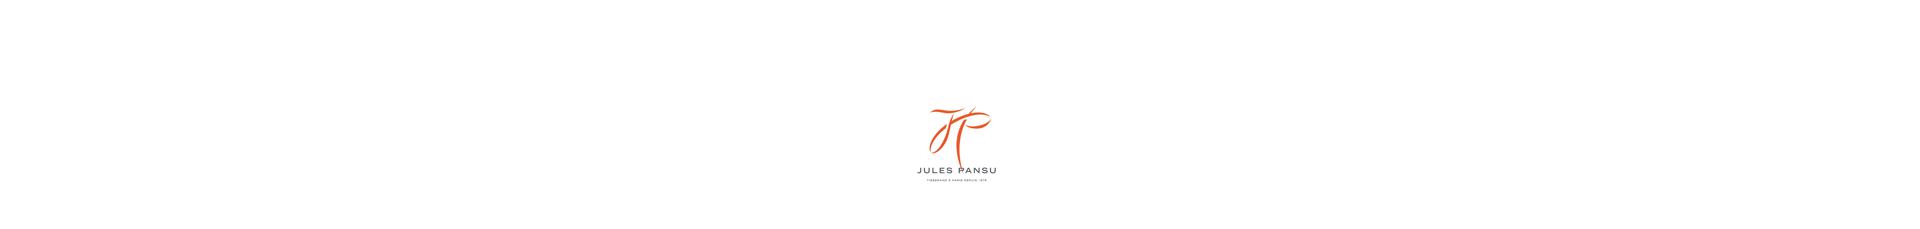 Jules Pansu brand